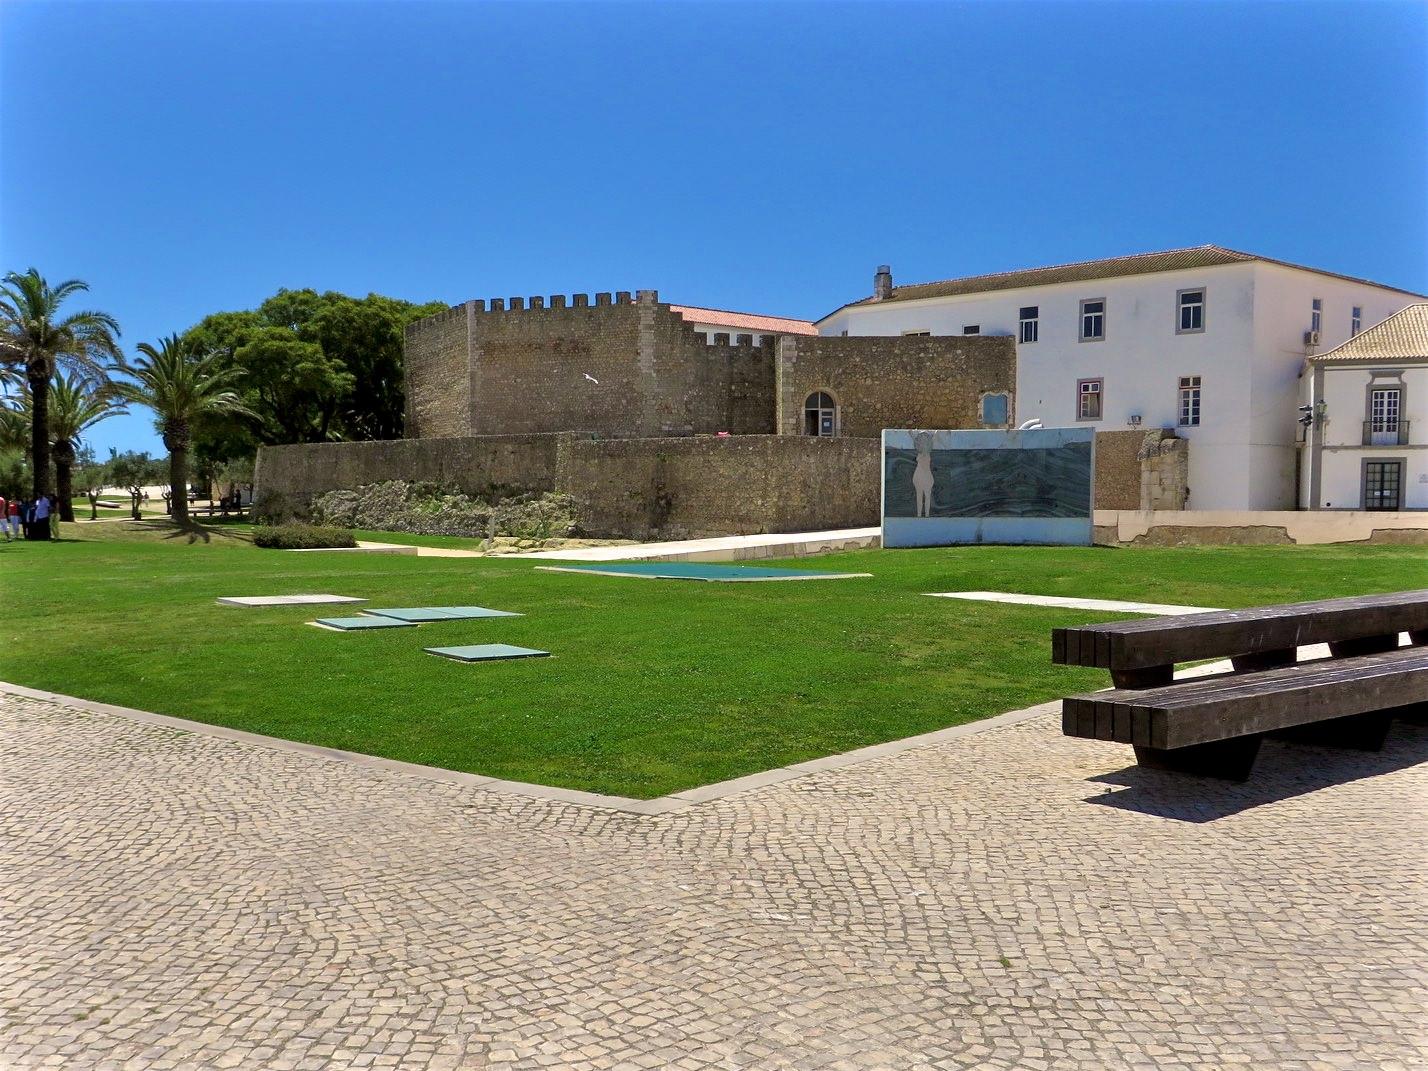 Замок Лагуш (Castelo de Lagos) (фото: Erik B.)